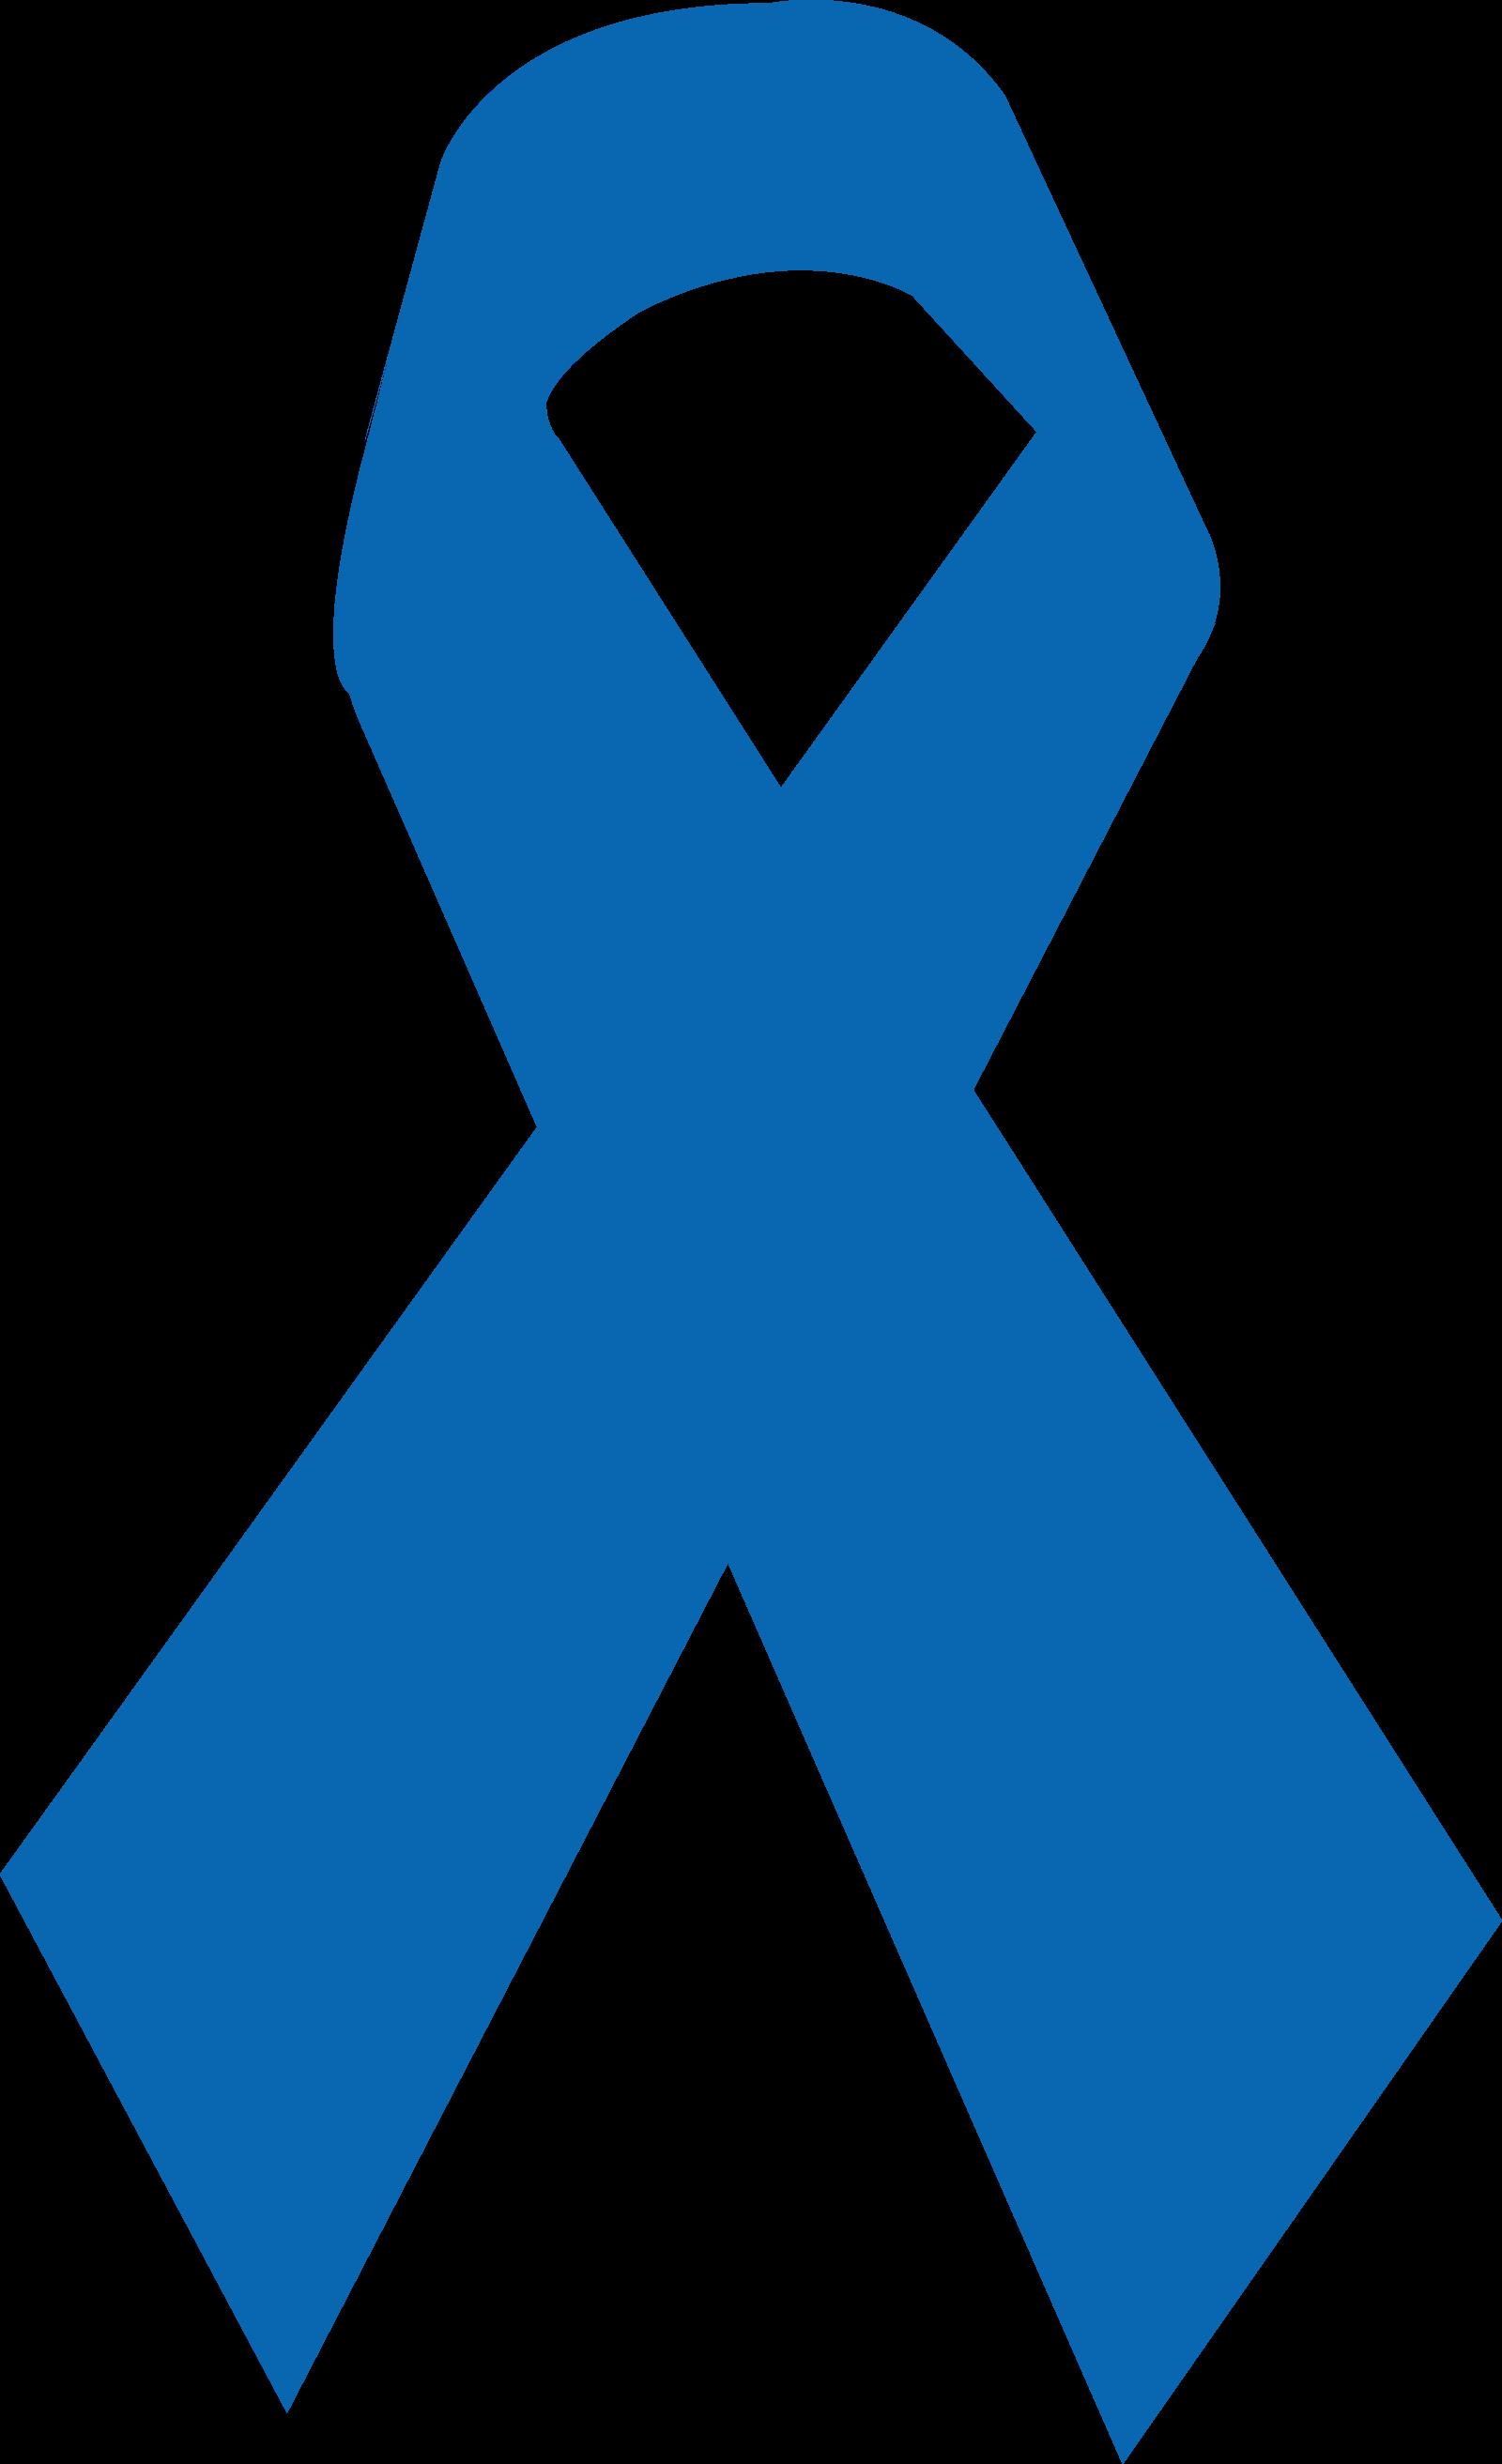 laco-de-fita-azul-cancer-prostata-2